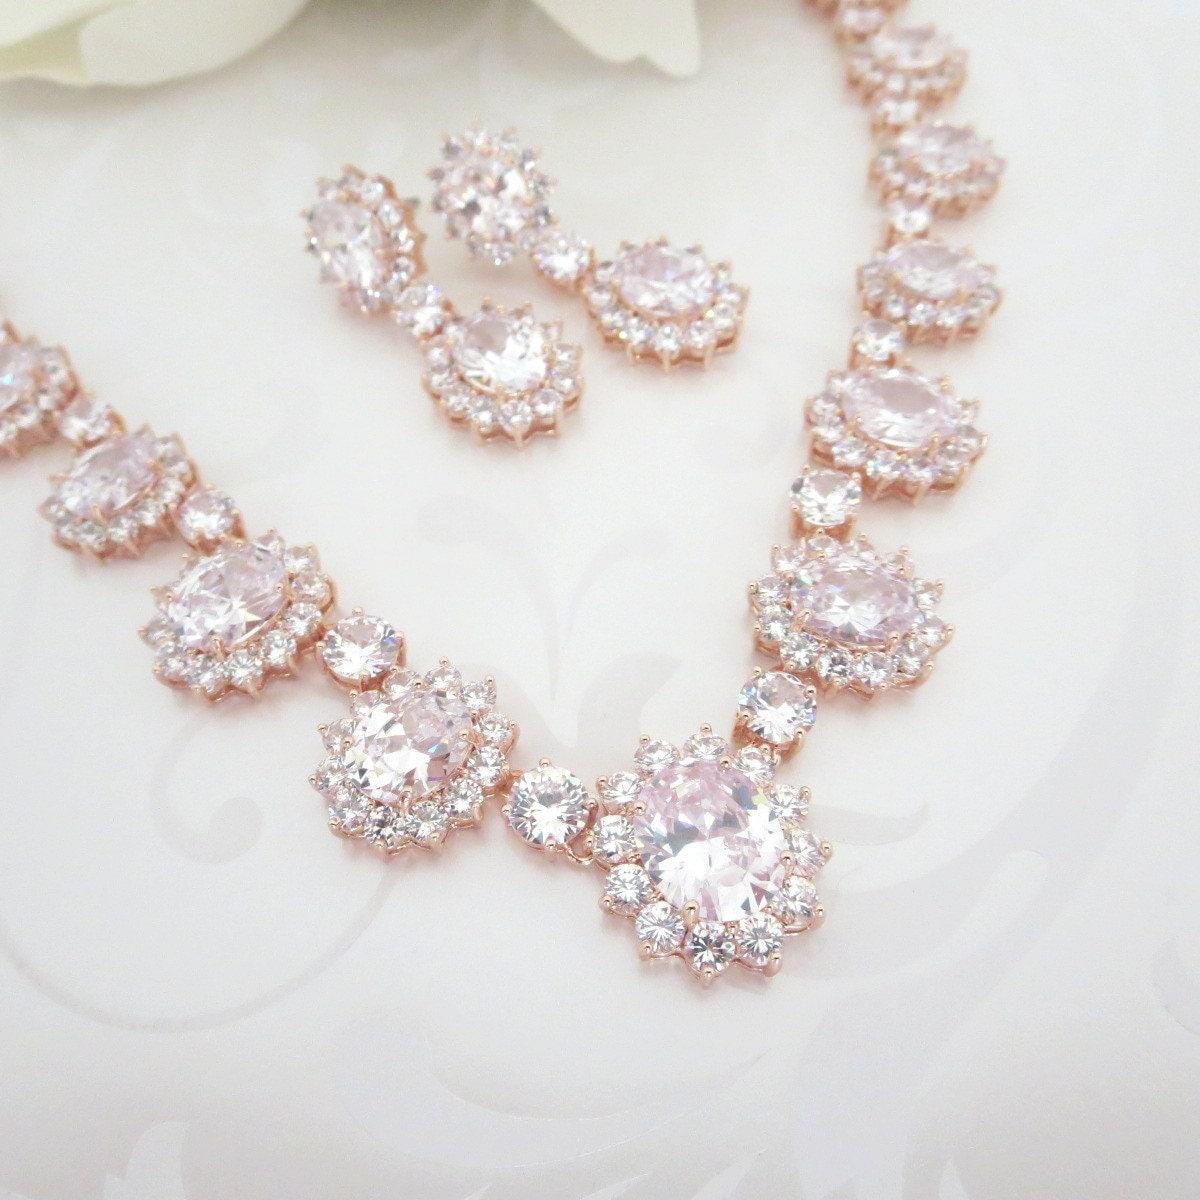 rose gold wedding necklace rose gold jewelry set crystal. Black Bedroom Furniture Sets. Home Design Ideas